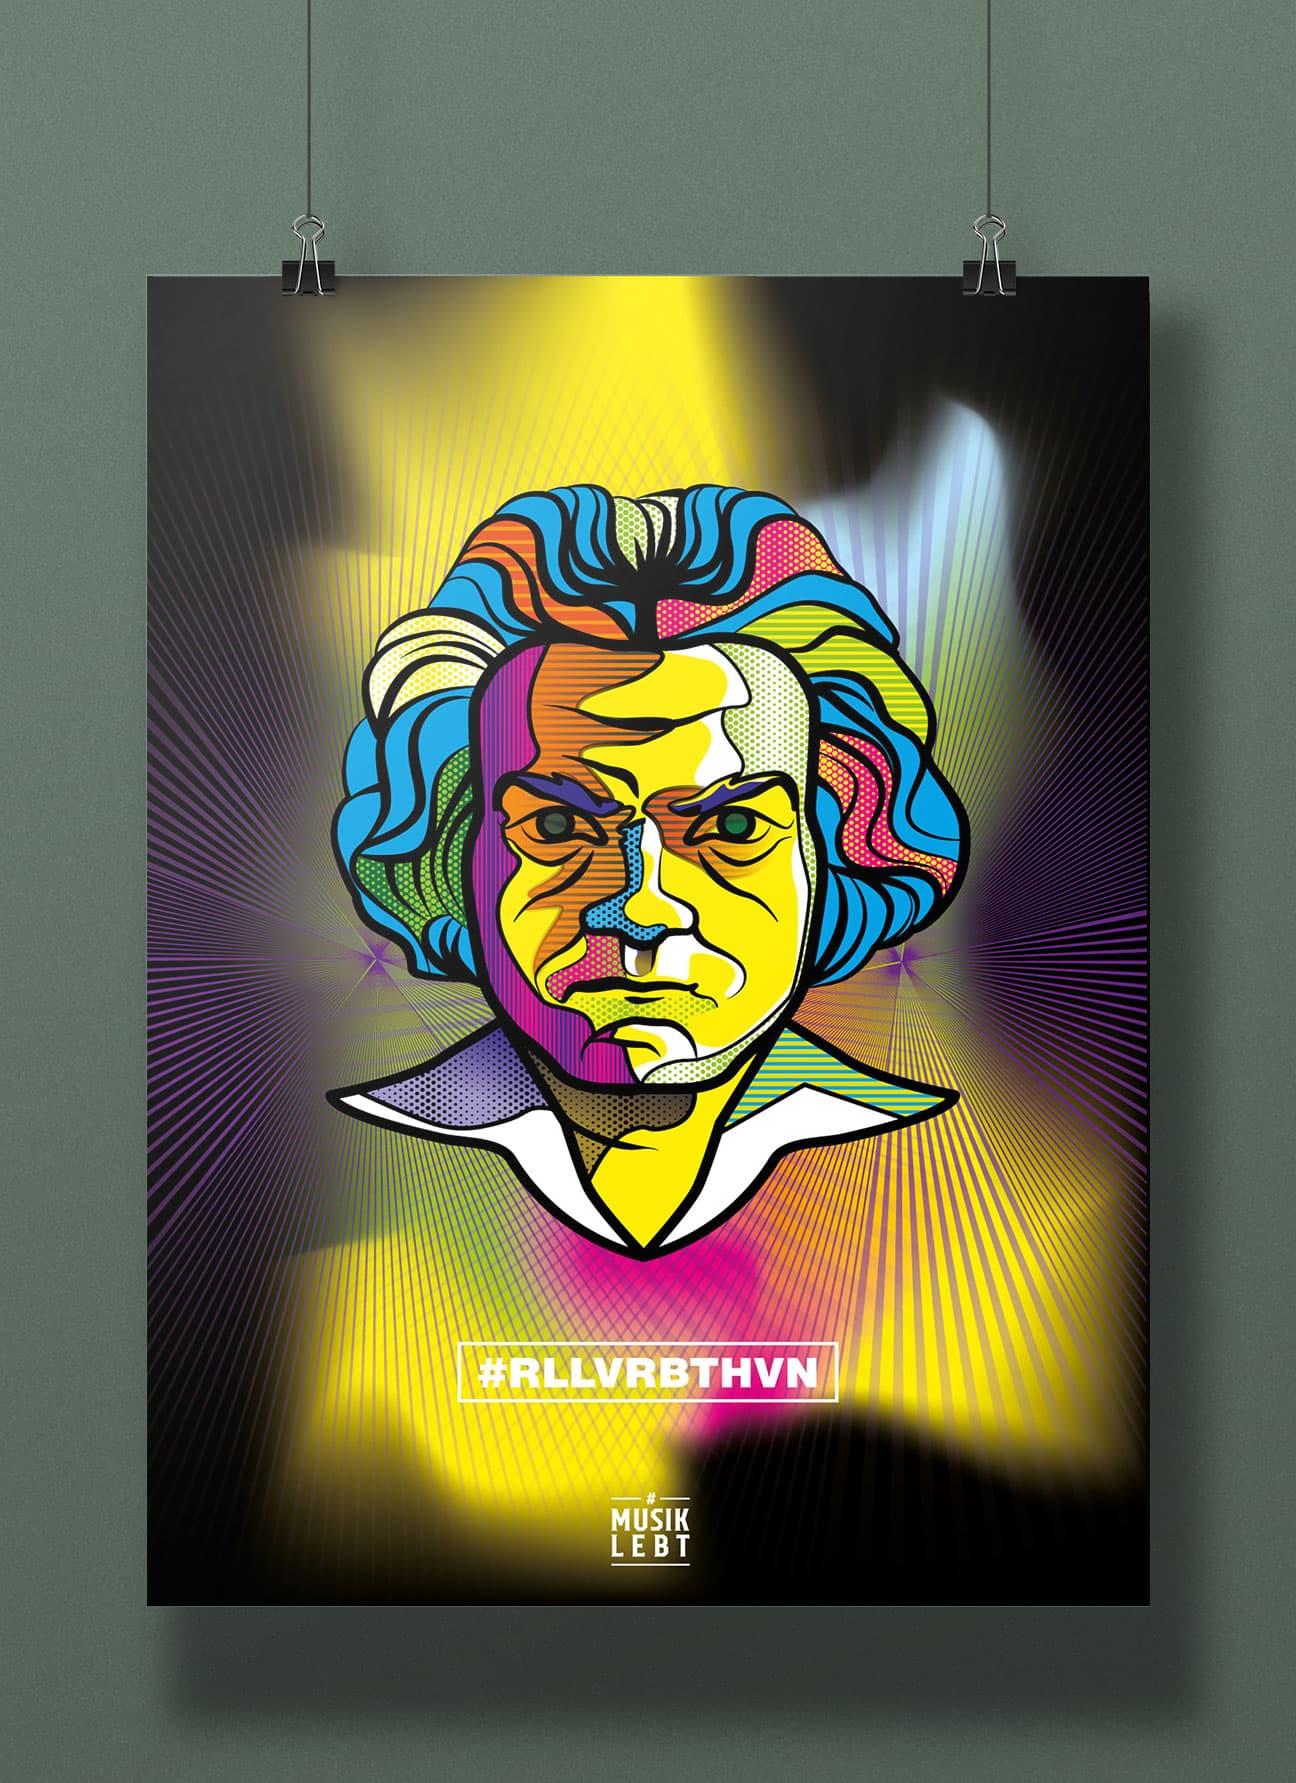 Poster-Entwurf: Portrait von Ludwig van Beethoven. 2020 jährt sich der Geburtstag des kongenialen Pianisten und Komponisten zum 250. Mal. Roll over Beethoven!